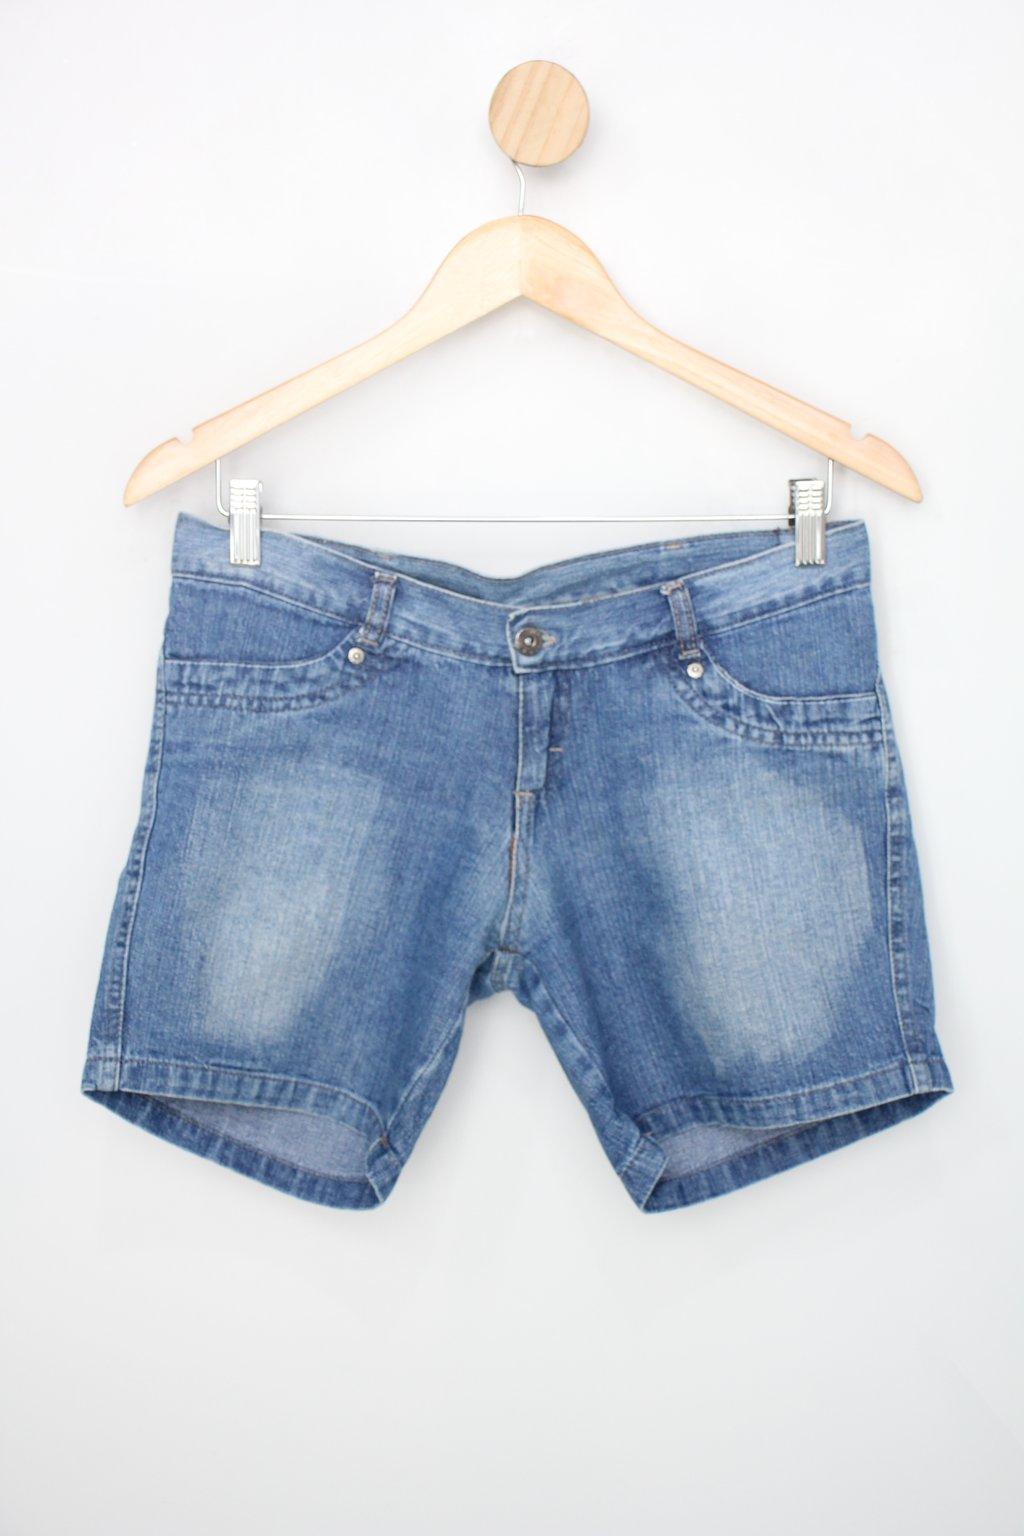 Shorts Top 10 Jeans Feminino Azul